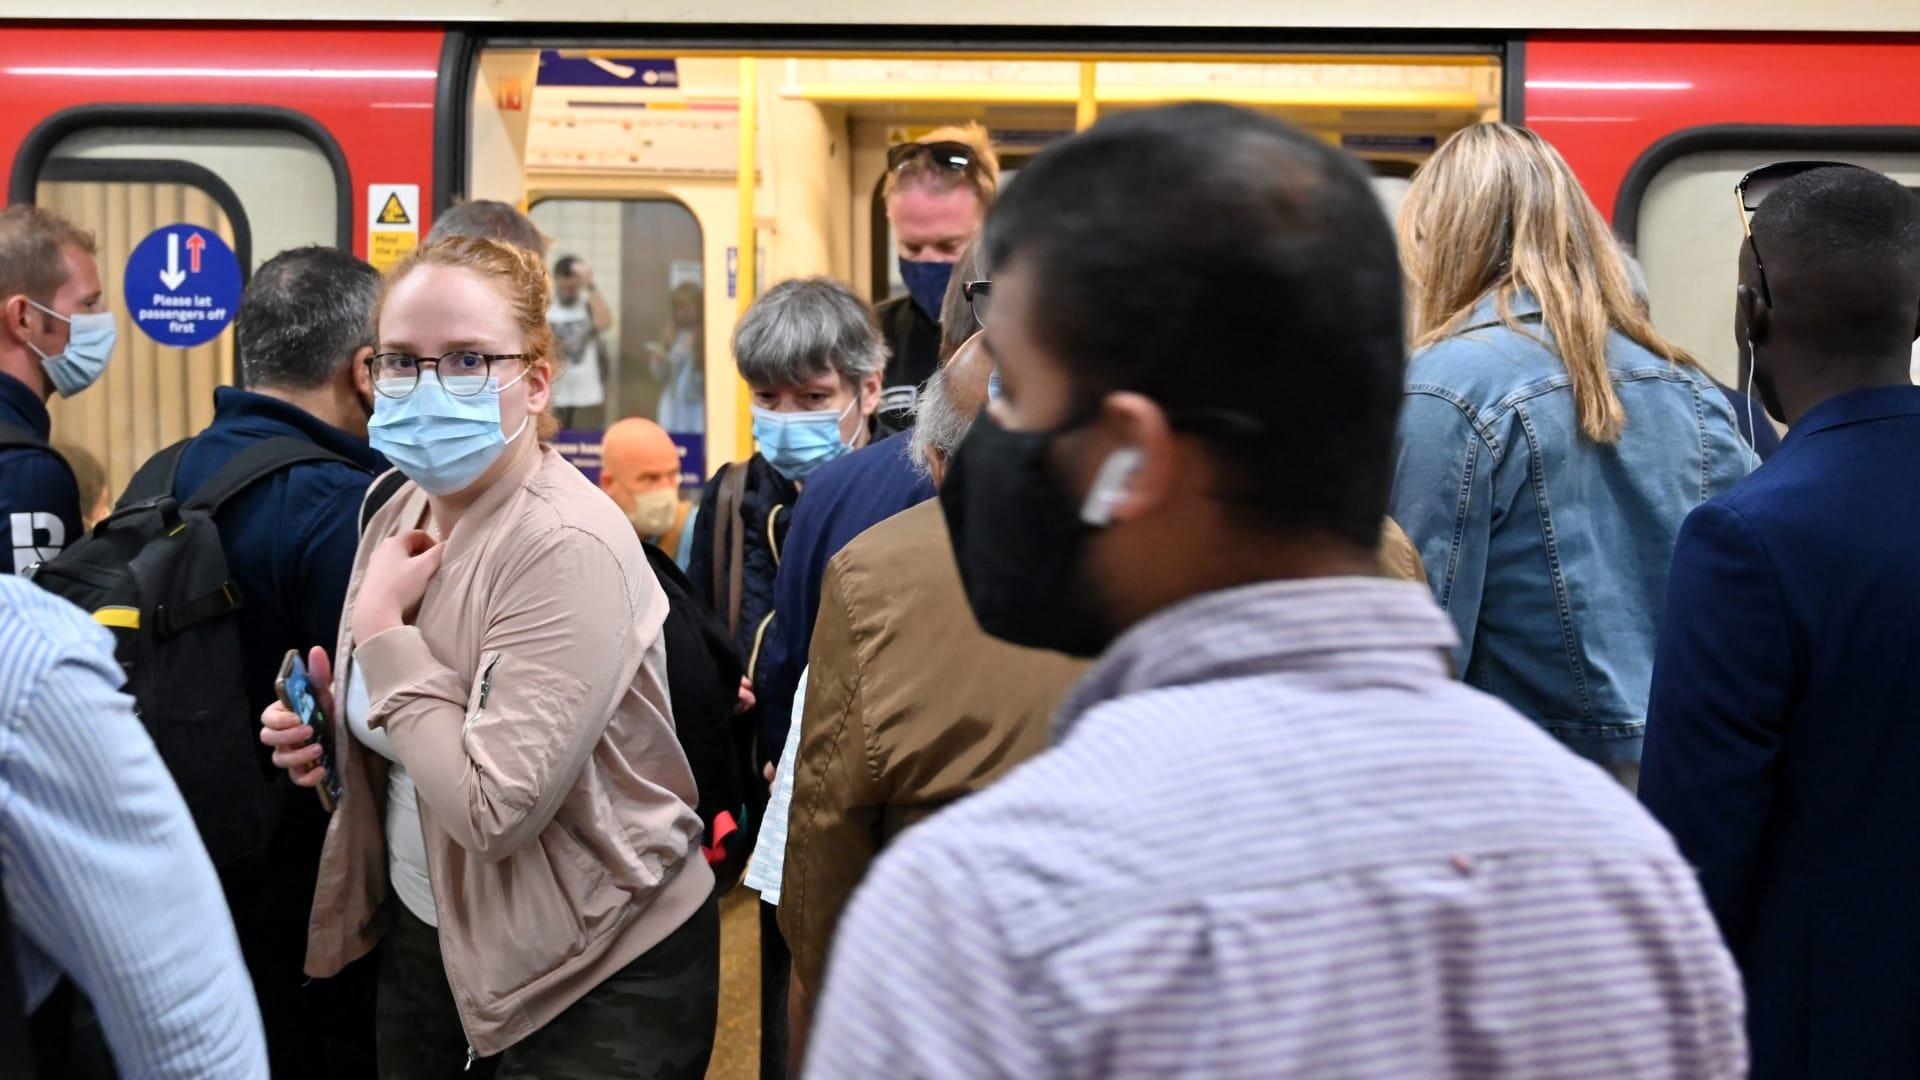 كورونا في أوروبا.. المملكة المتحدة تسجل أعلى إصابات يومية منذ يناير واحتجاجات ضد القوانين الأخيرة في فرنسا